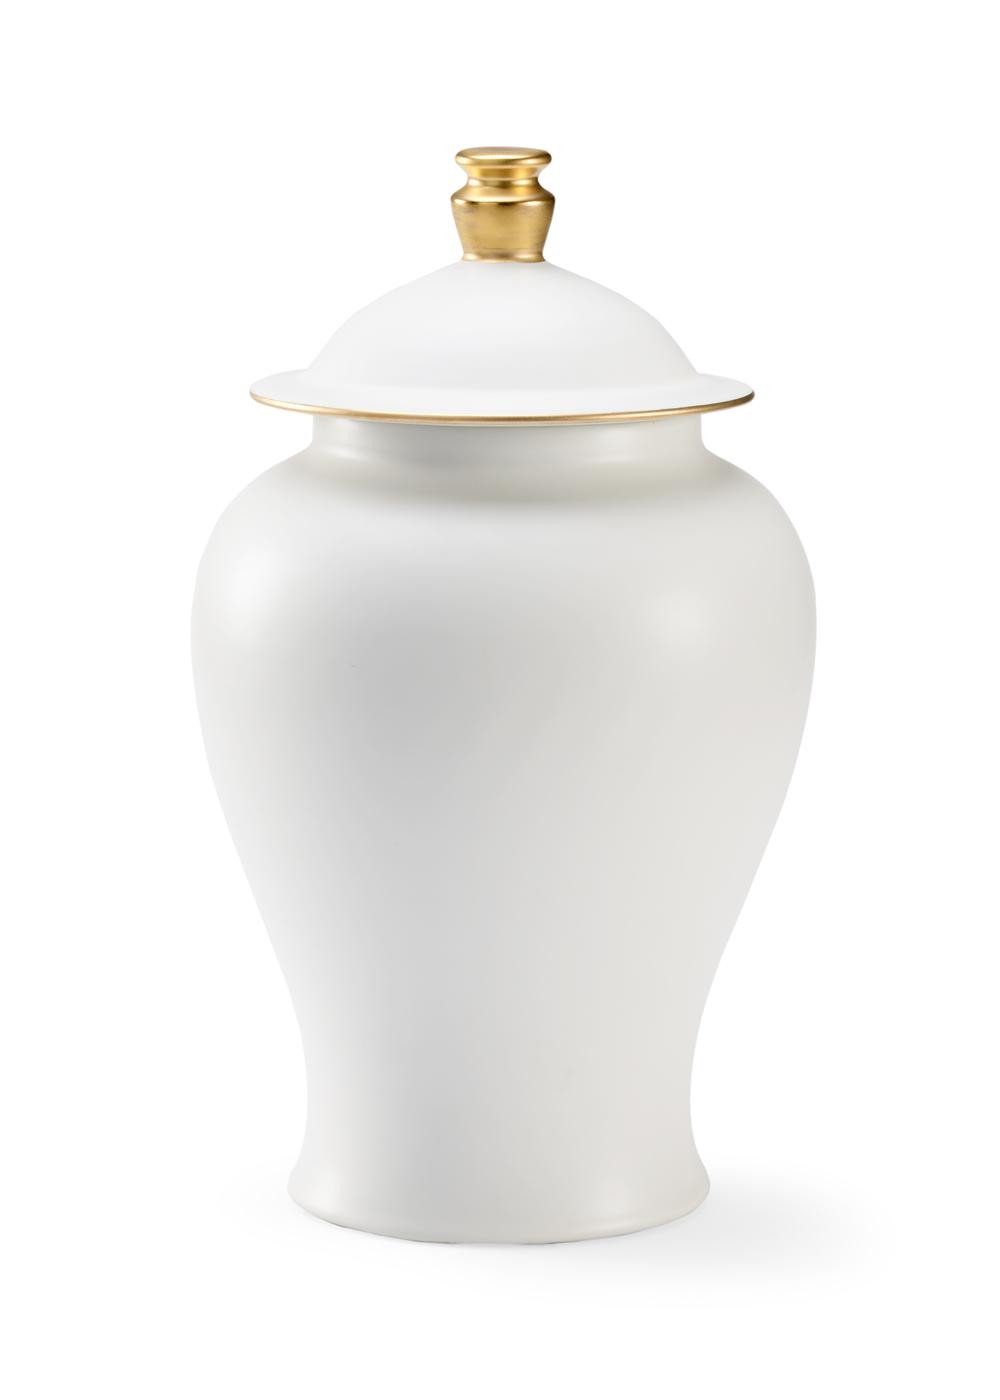 Chelsea House - Datong Vase